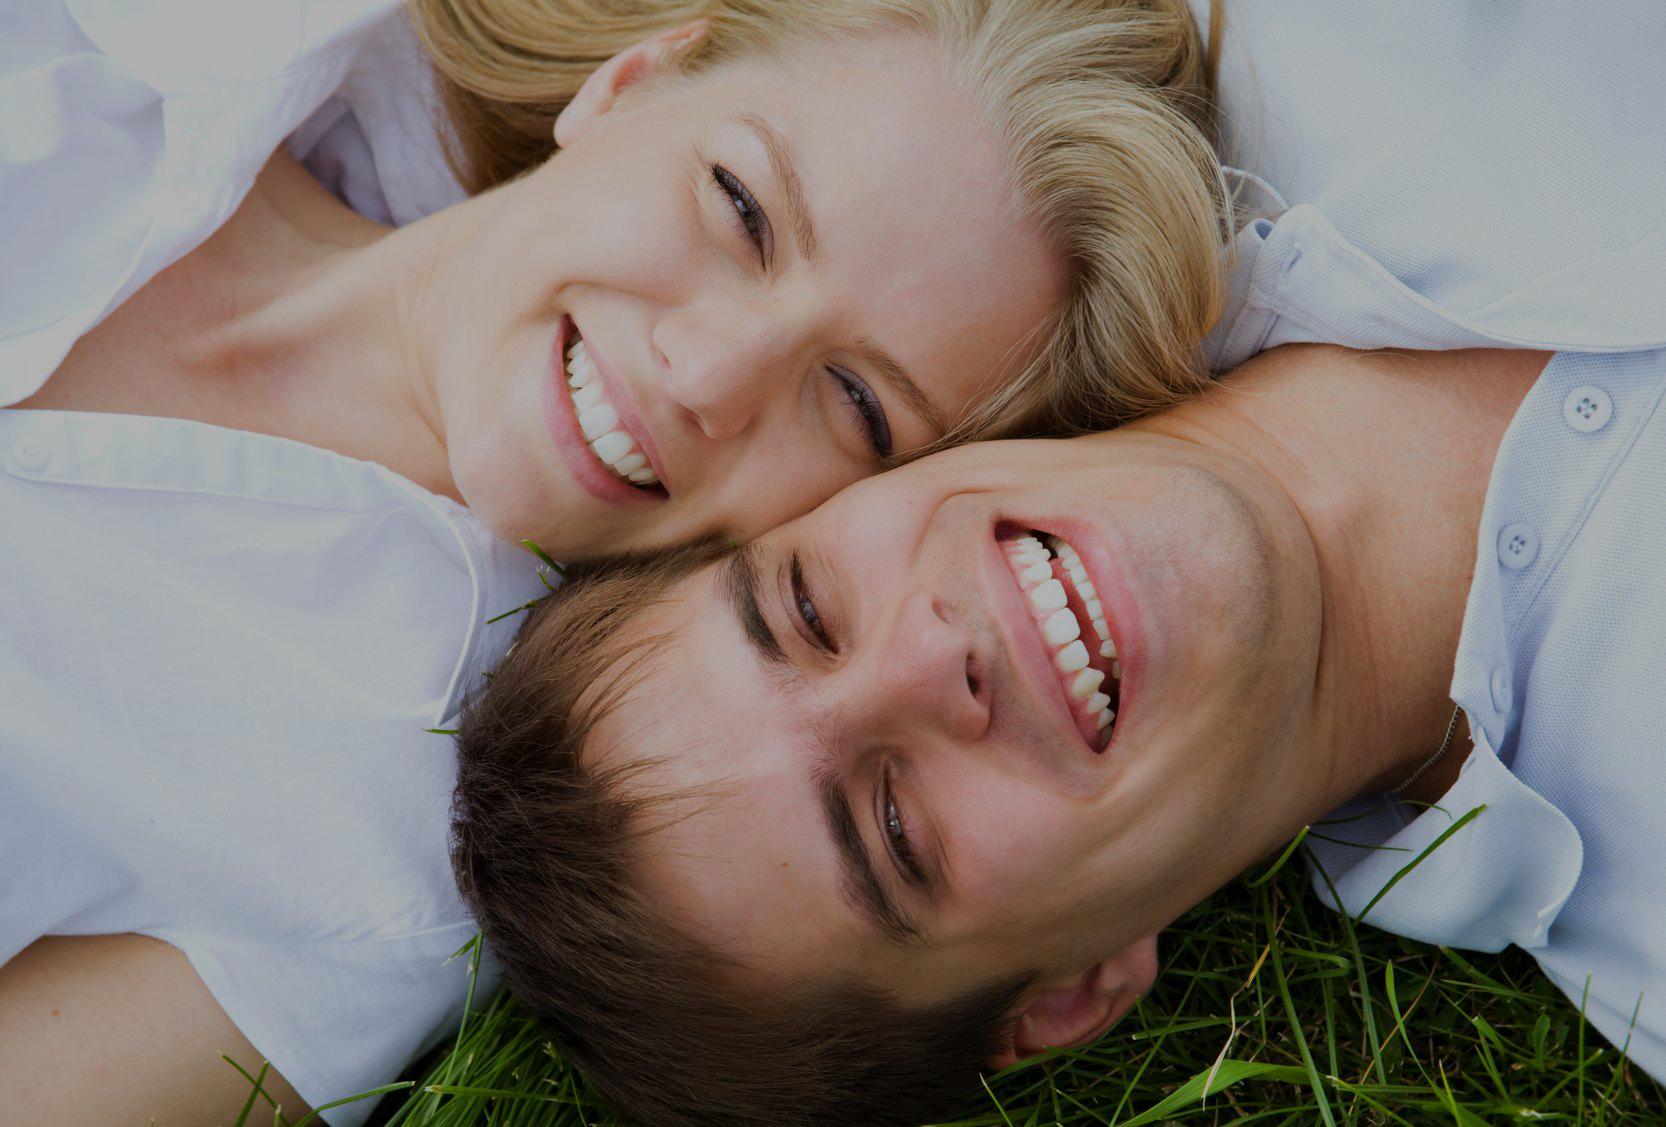 selfie di sposi felici sdraiati sul prato che sorride dopo terapia di coppia